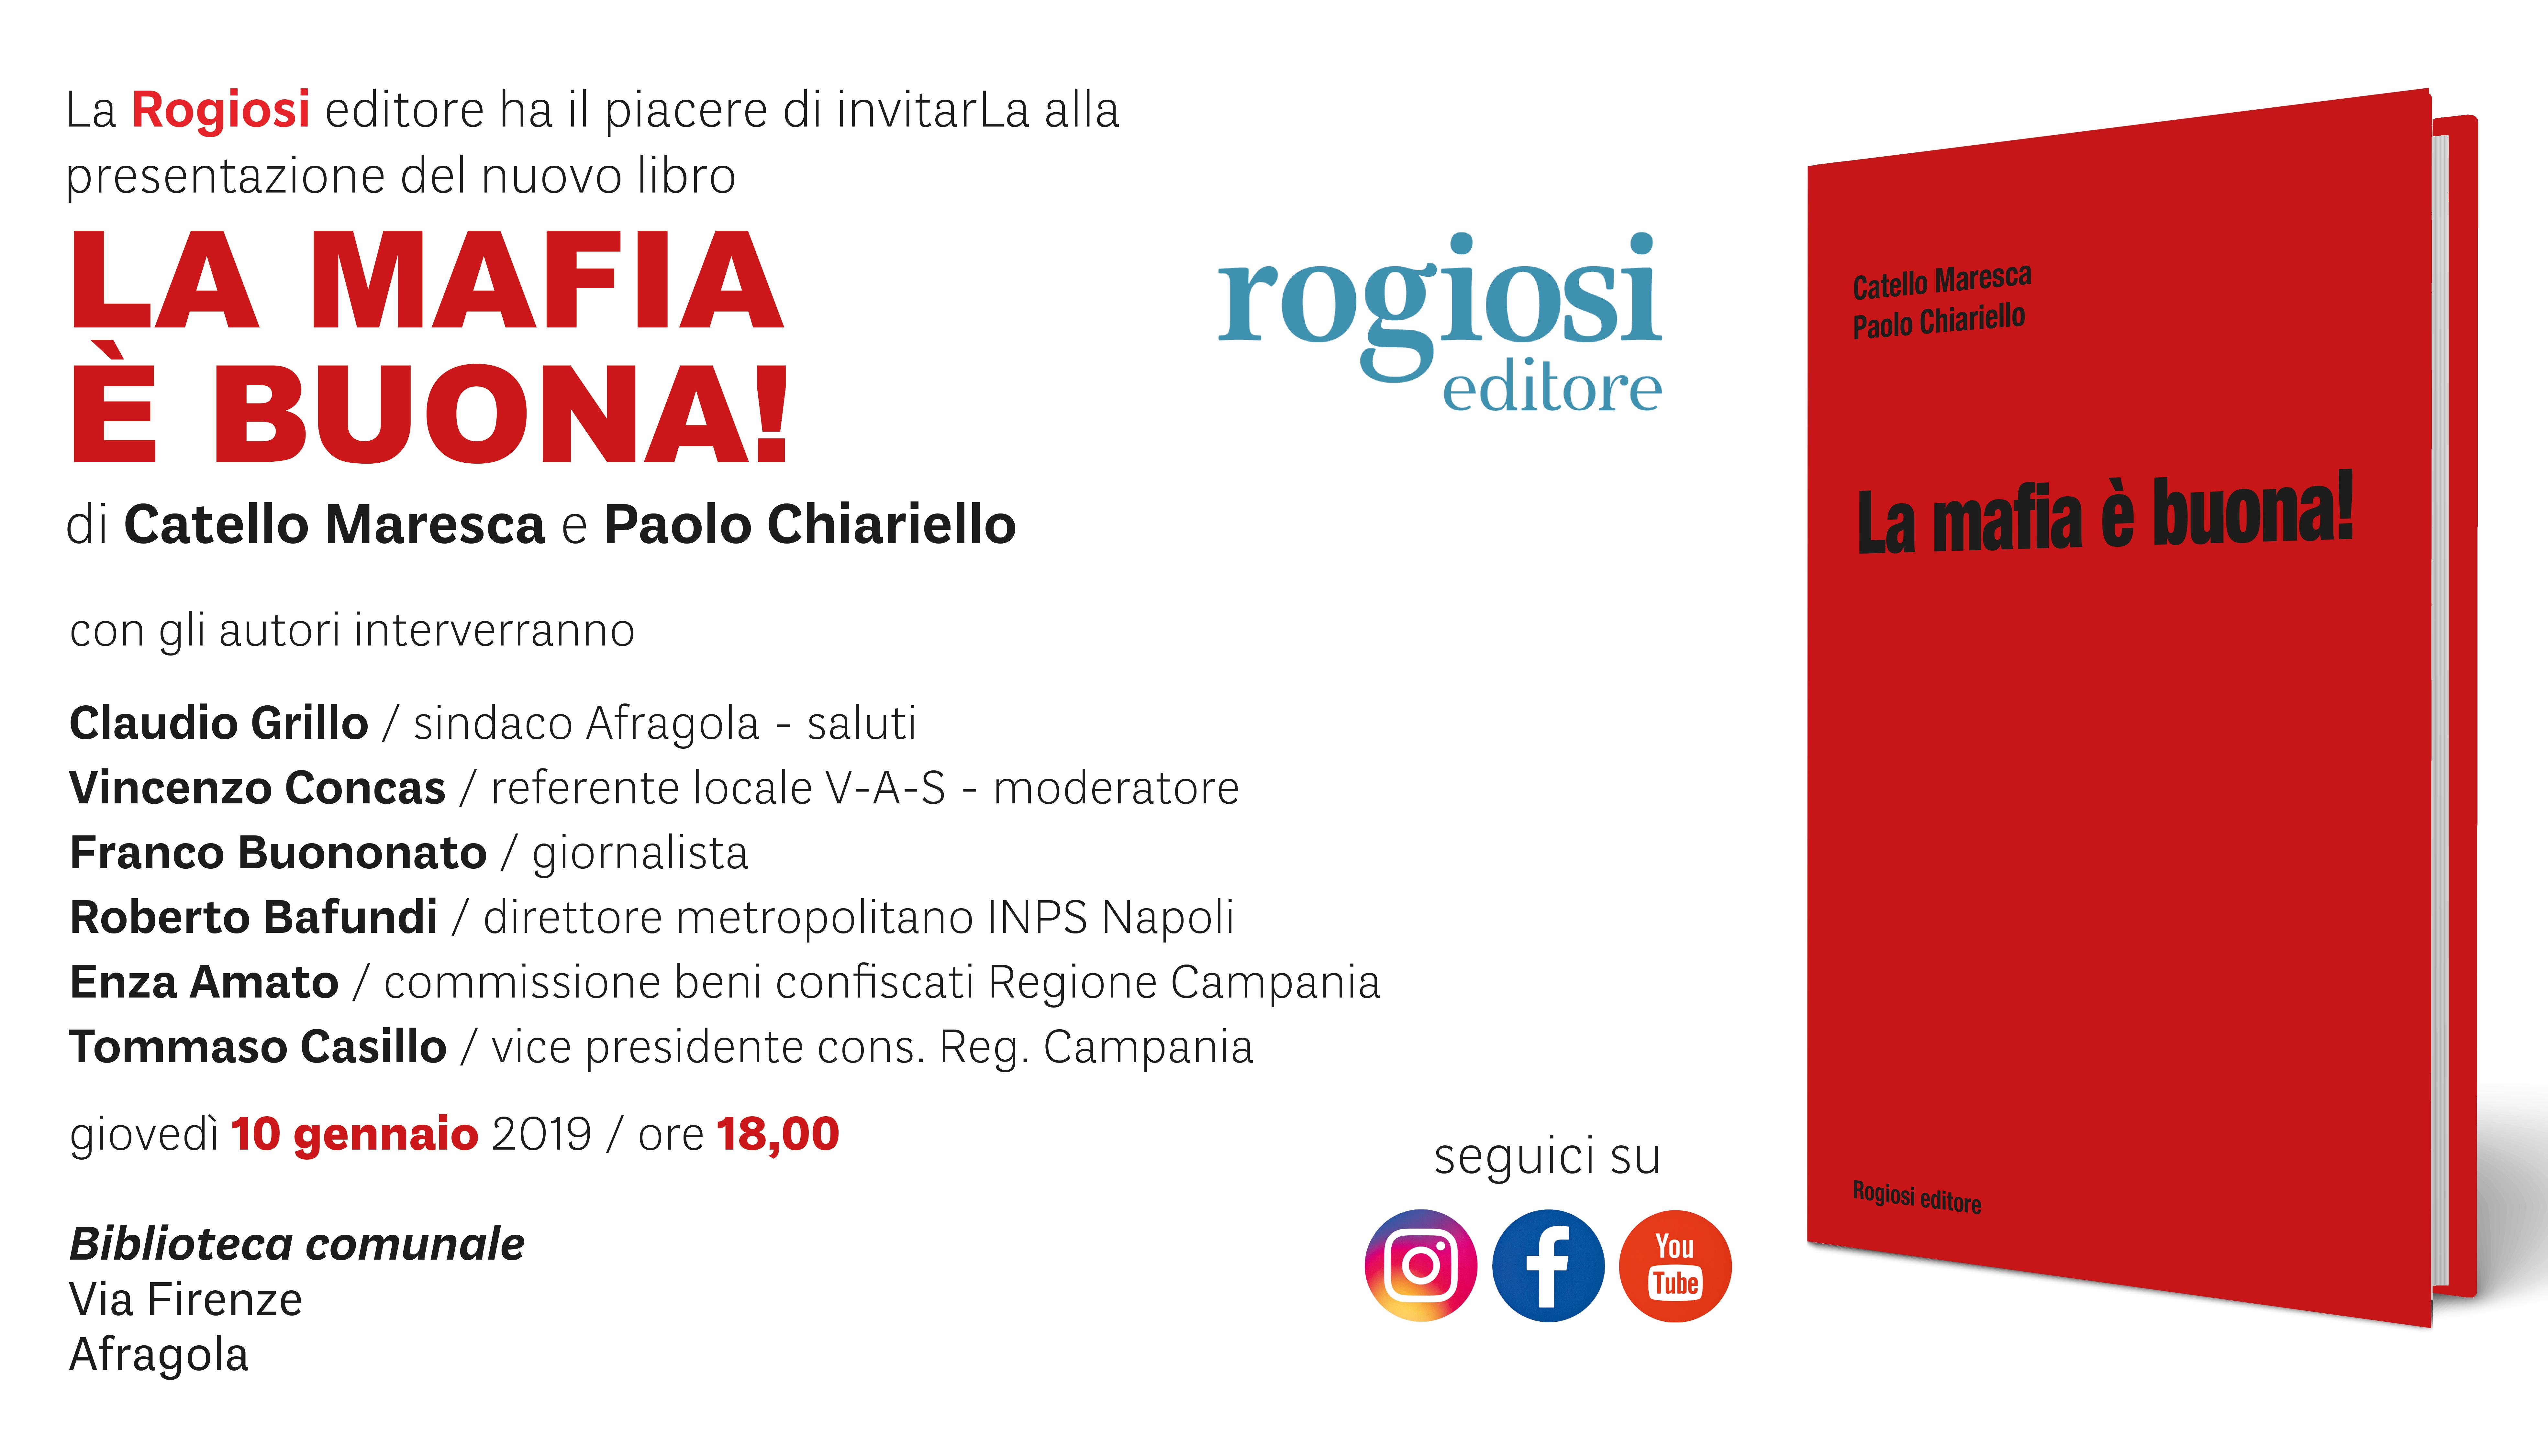 La Mafia è Buona! Biblioteca Comunale di Afragola